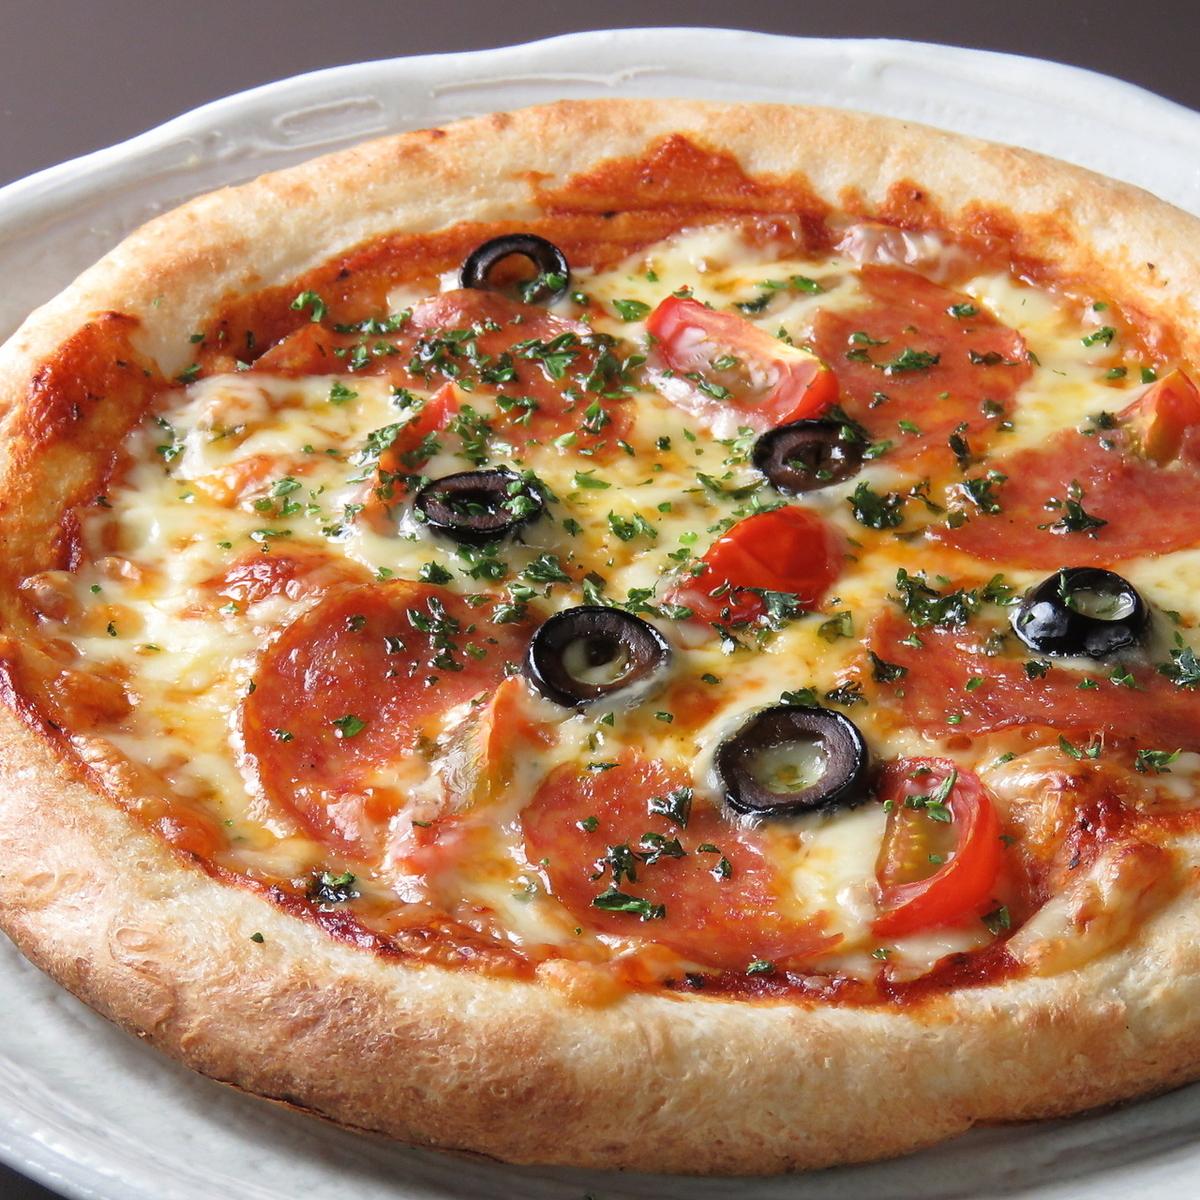 薩拉米香腸和大蒜披薩